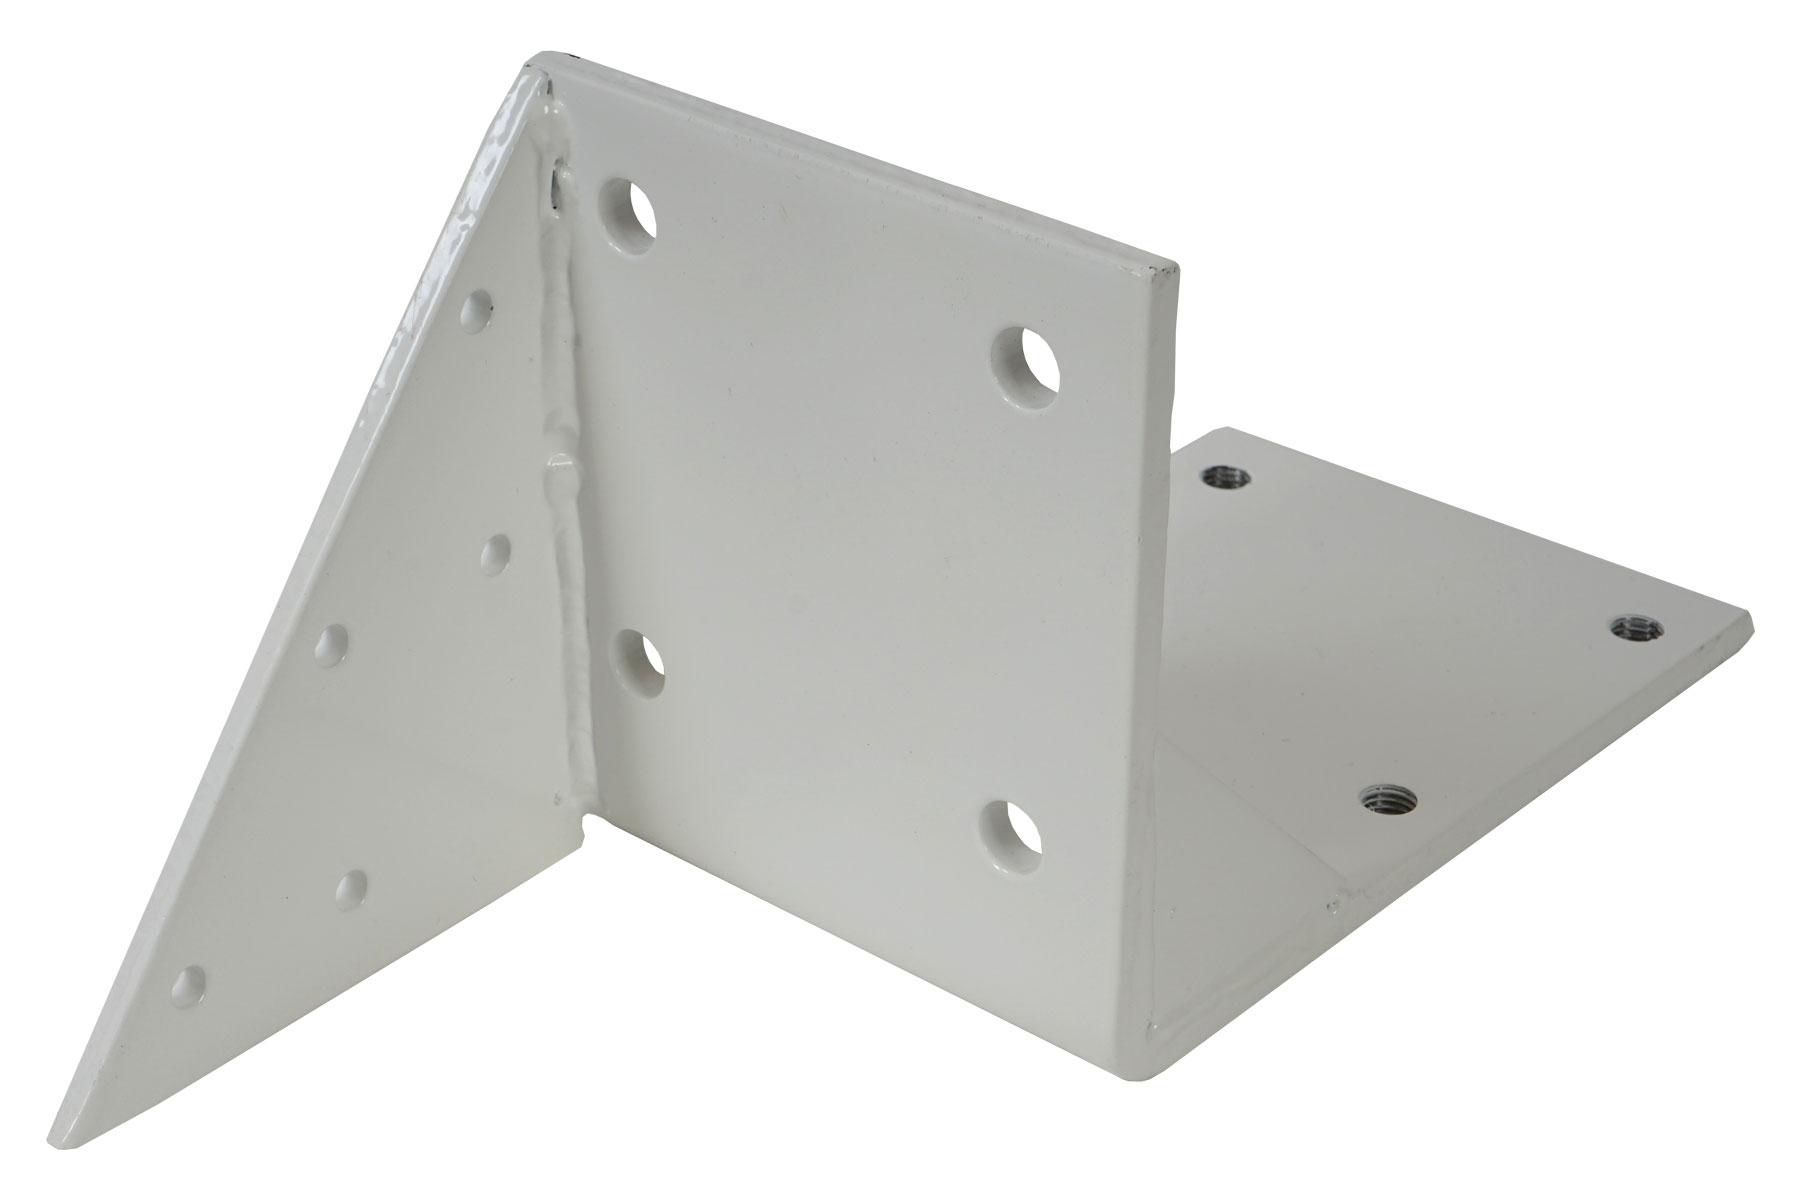 Dachsparrenadapter für T124 Rückansicht und Sparrenbefestigung